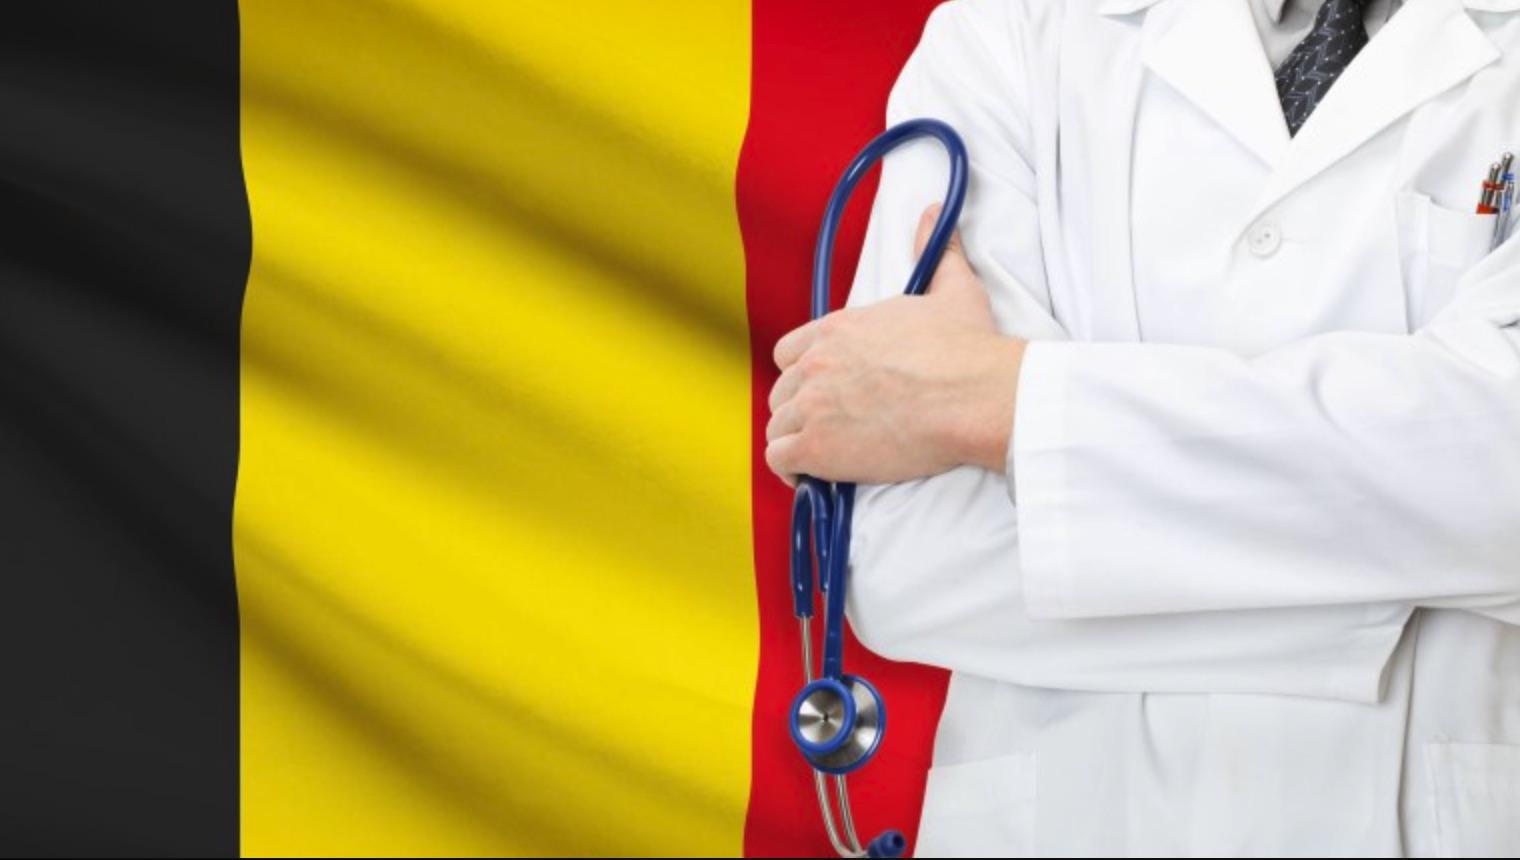 Belgian Medical Doctors Speak Out